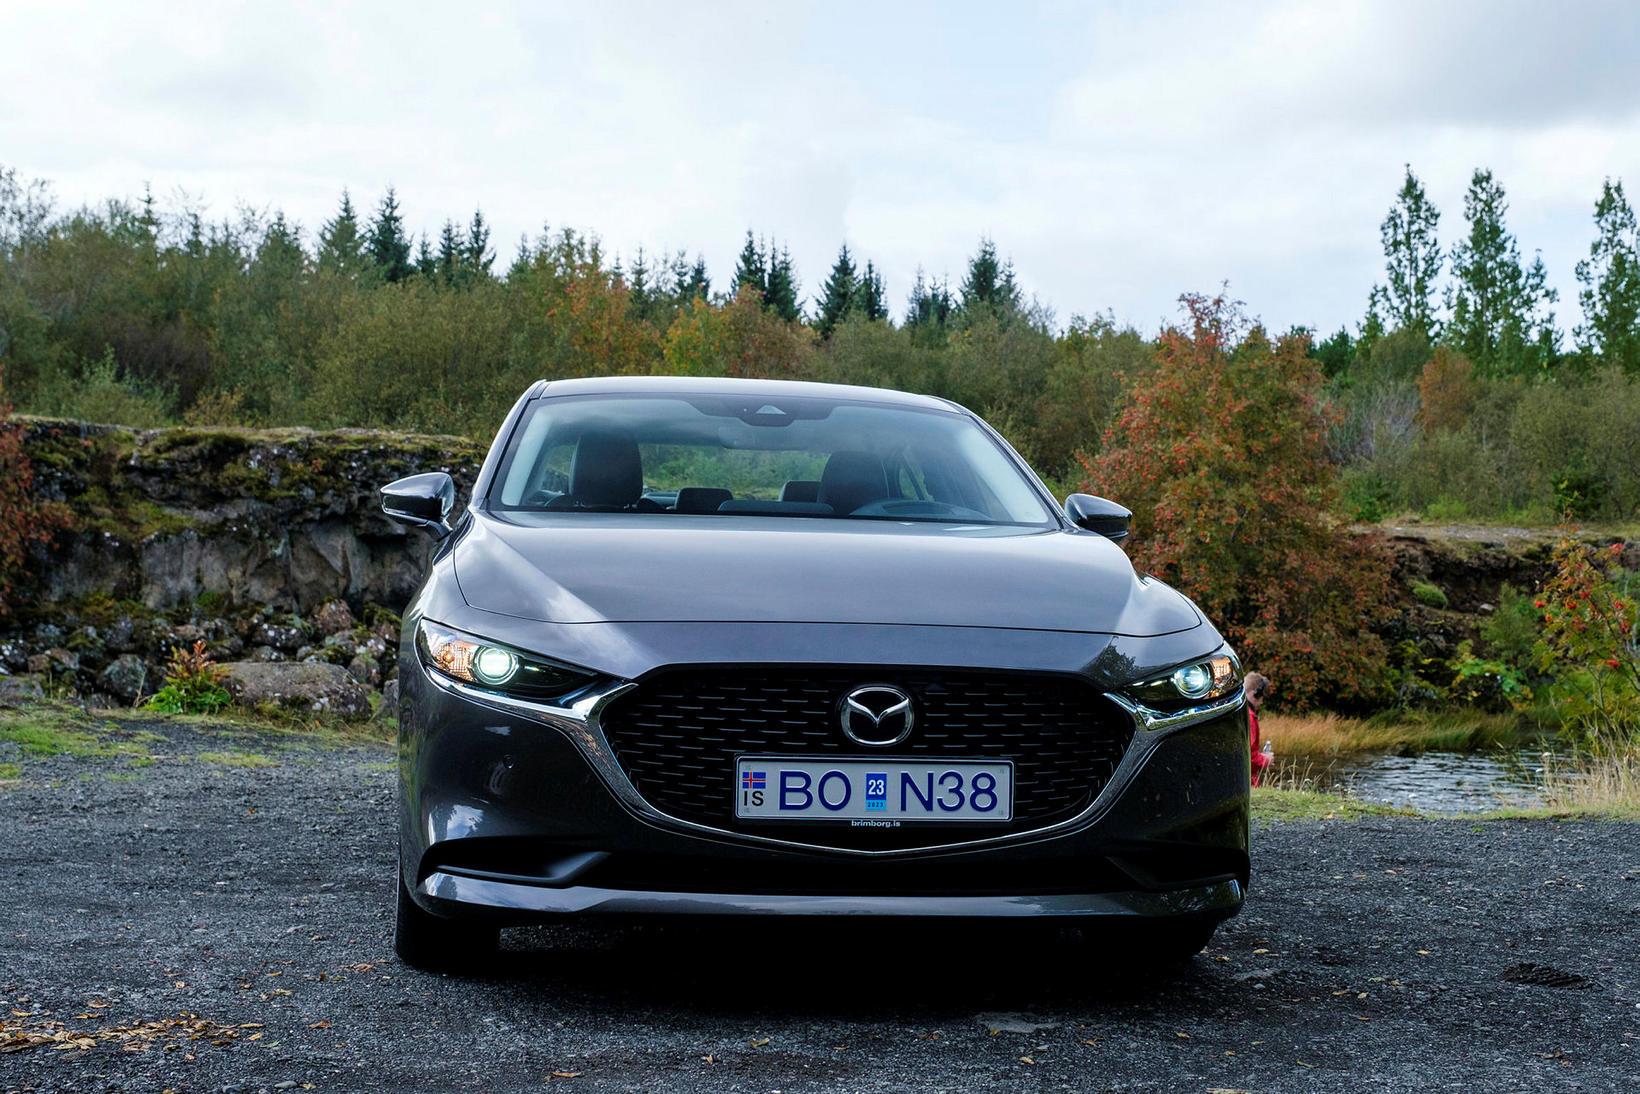 Grillið á þessari fjórðu kynslóð af Mazda 3 er af ...